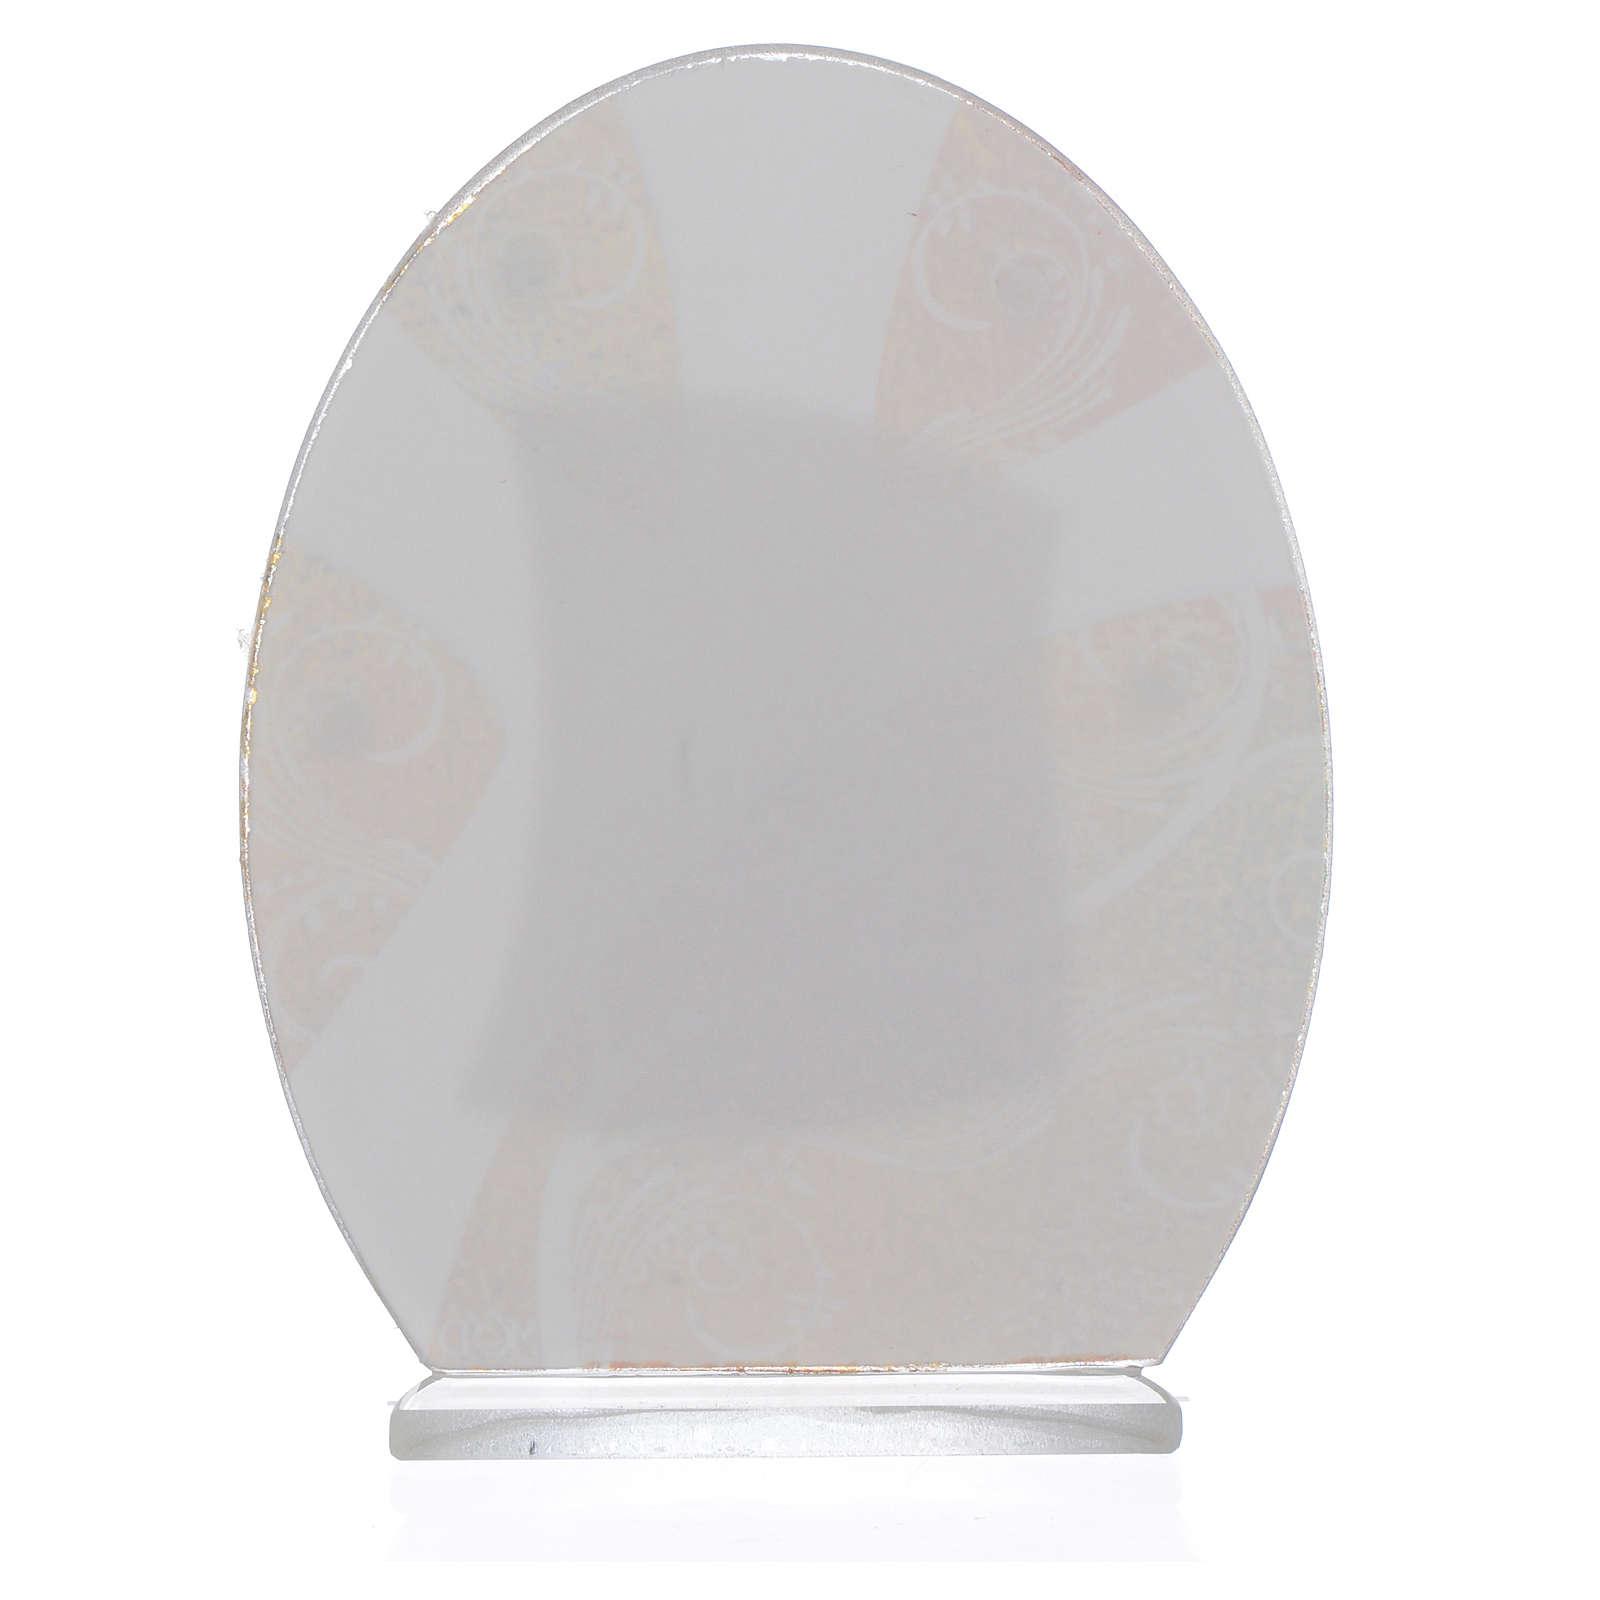 Geschenkidee Kommunion Mädchen Silber Platte 10.5cm 3